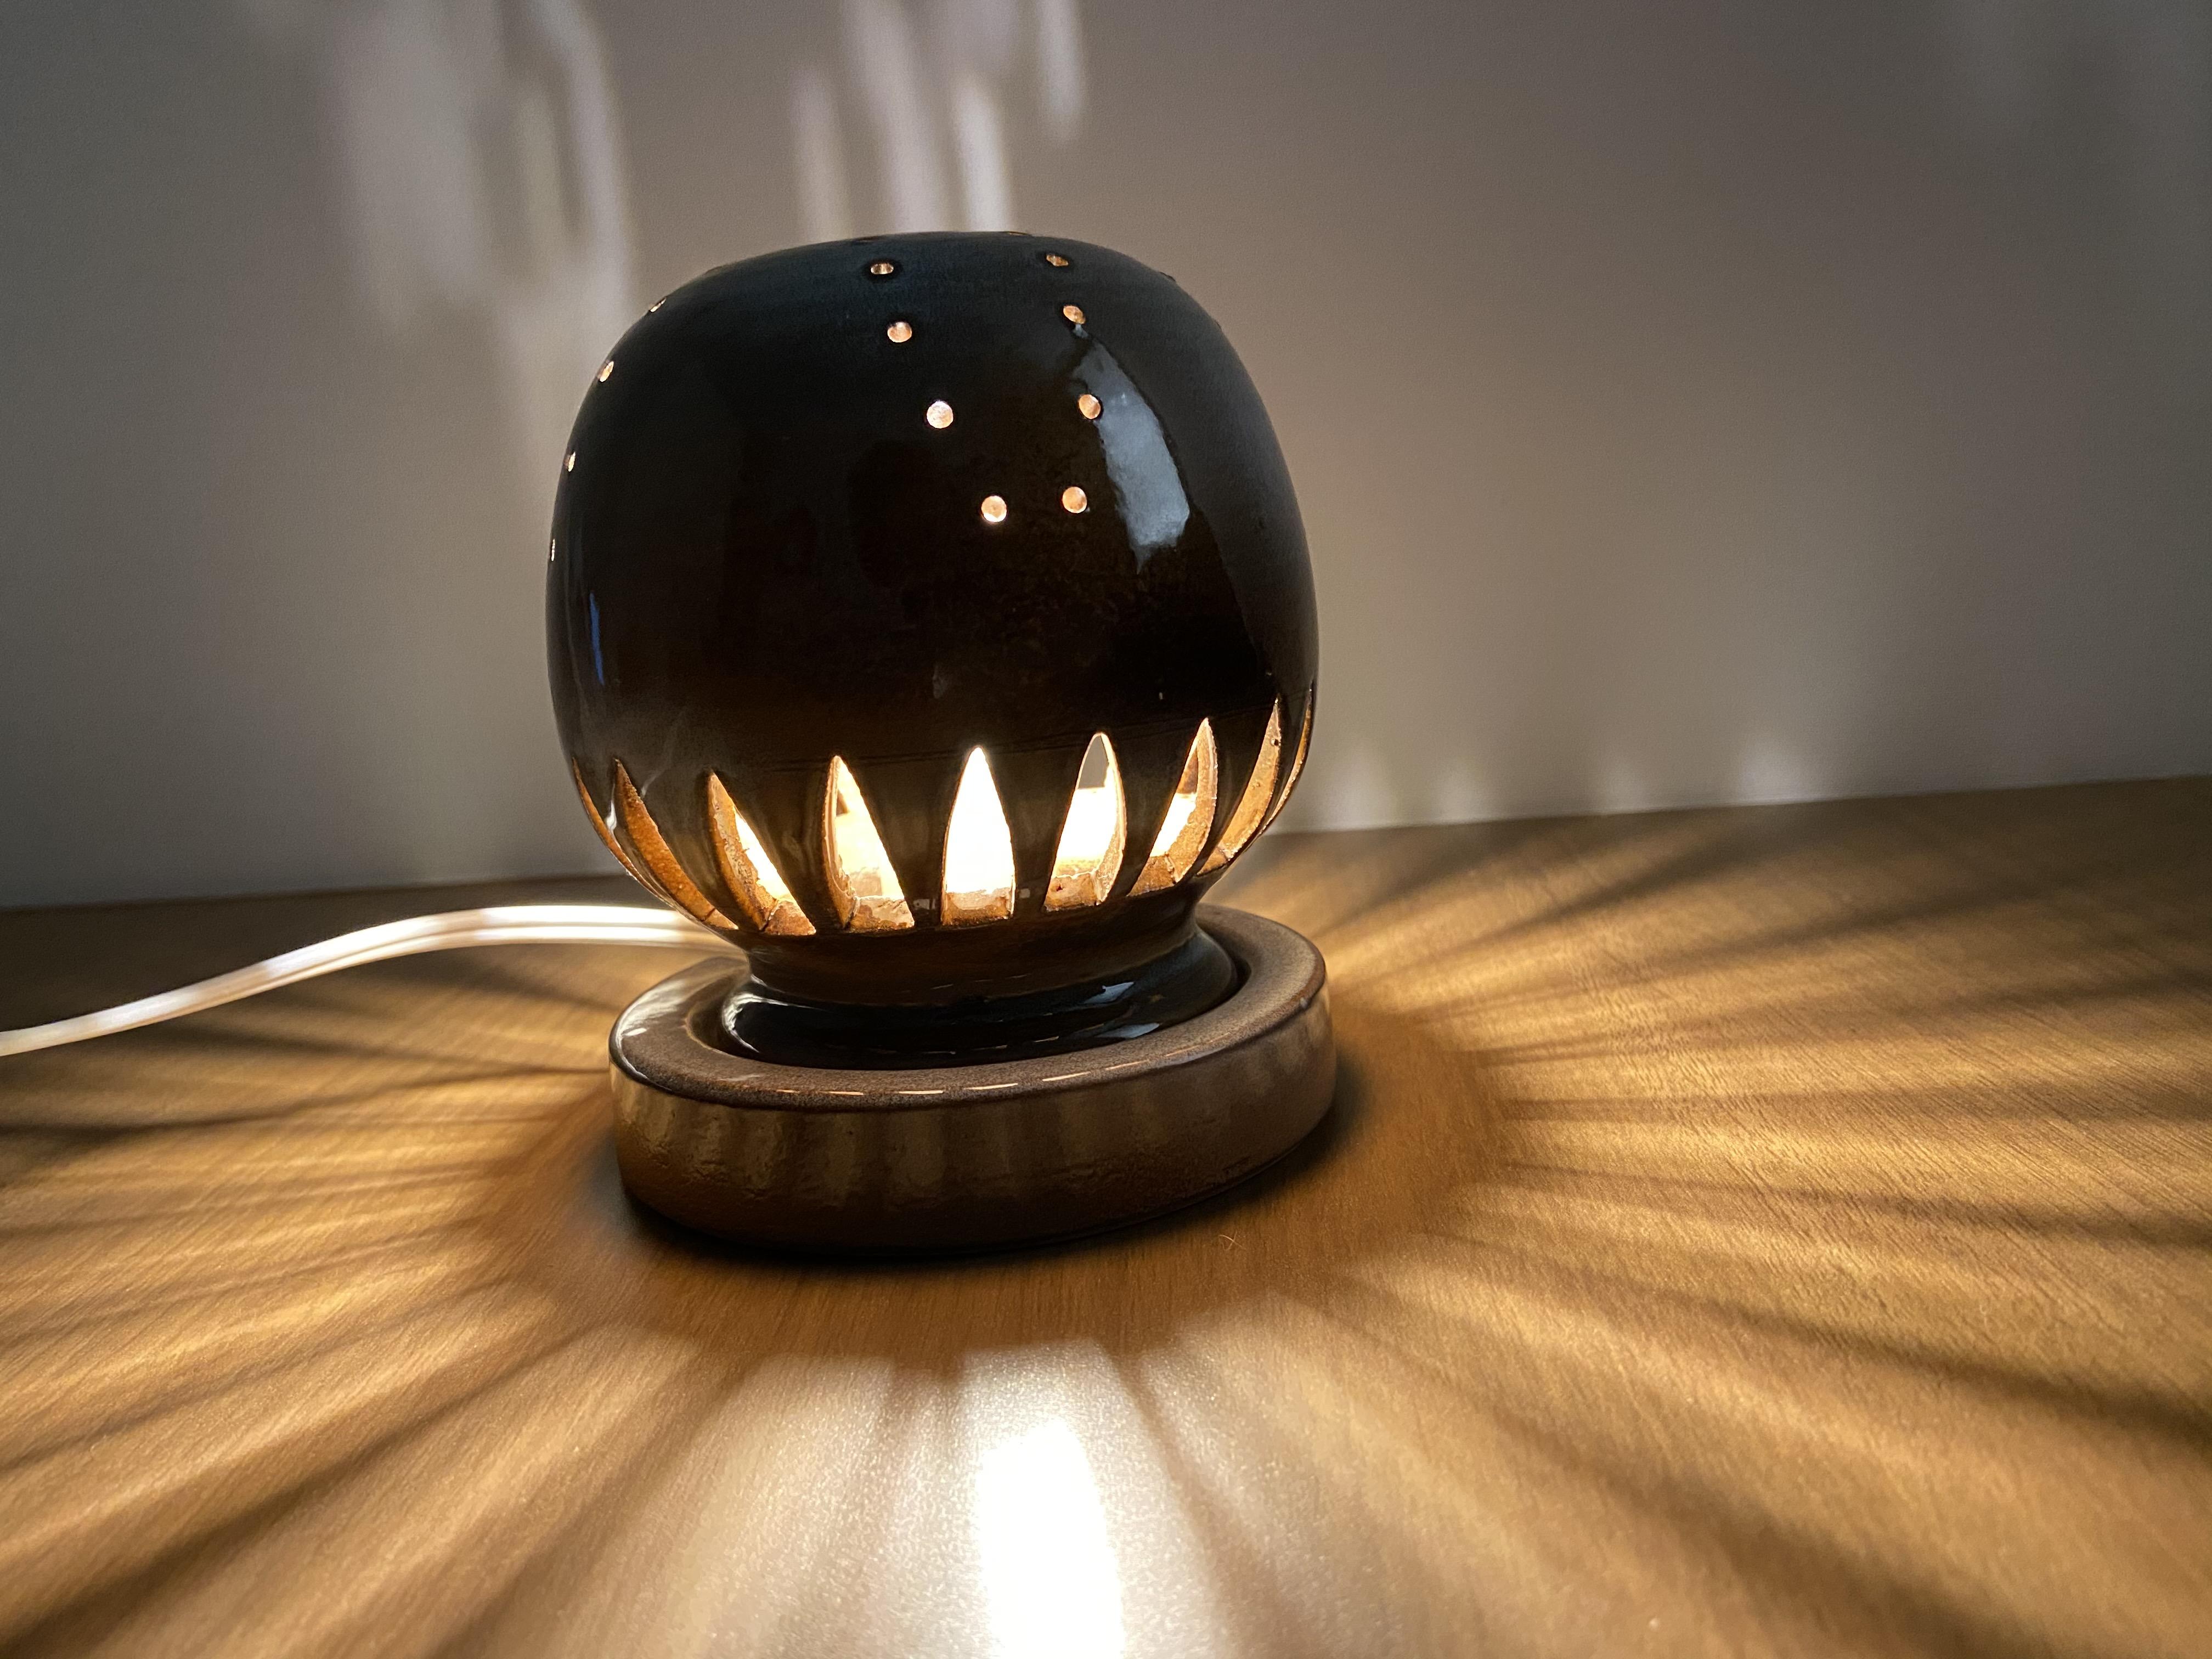 [№5226-0259]幻の須佐唐津焼 窯元製作陶器ランプ 黒 カーブ 電球色LED